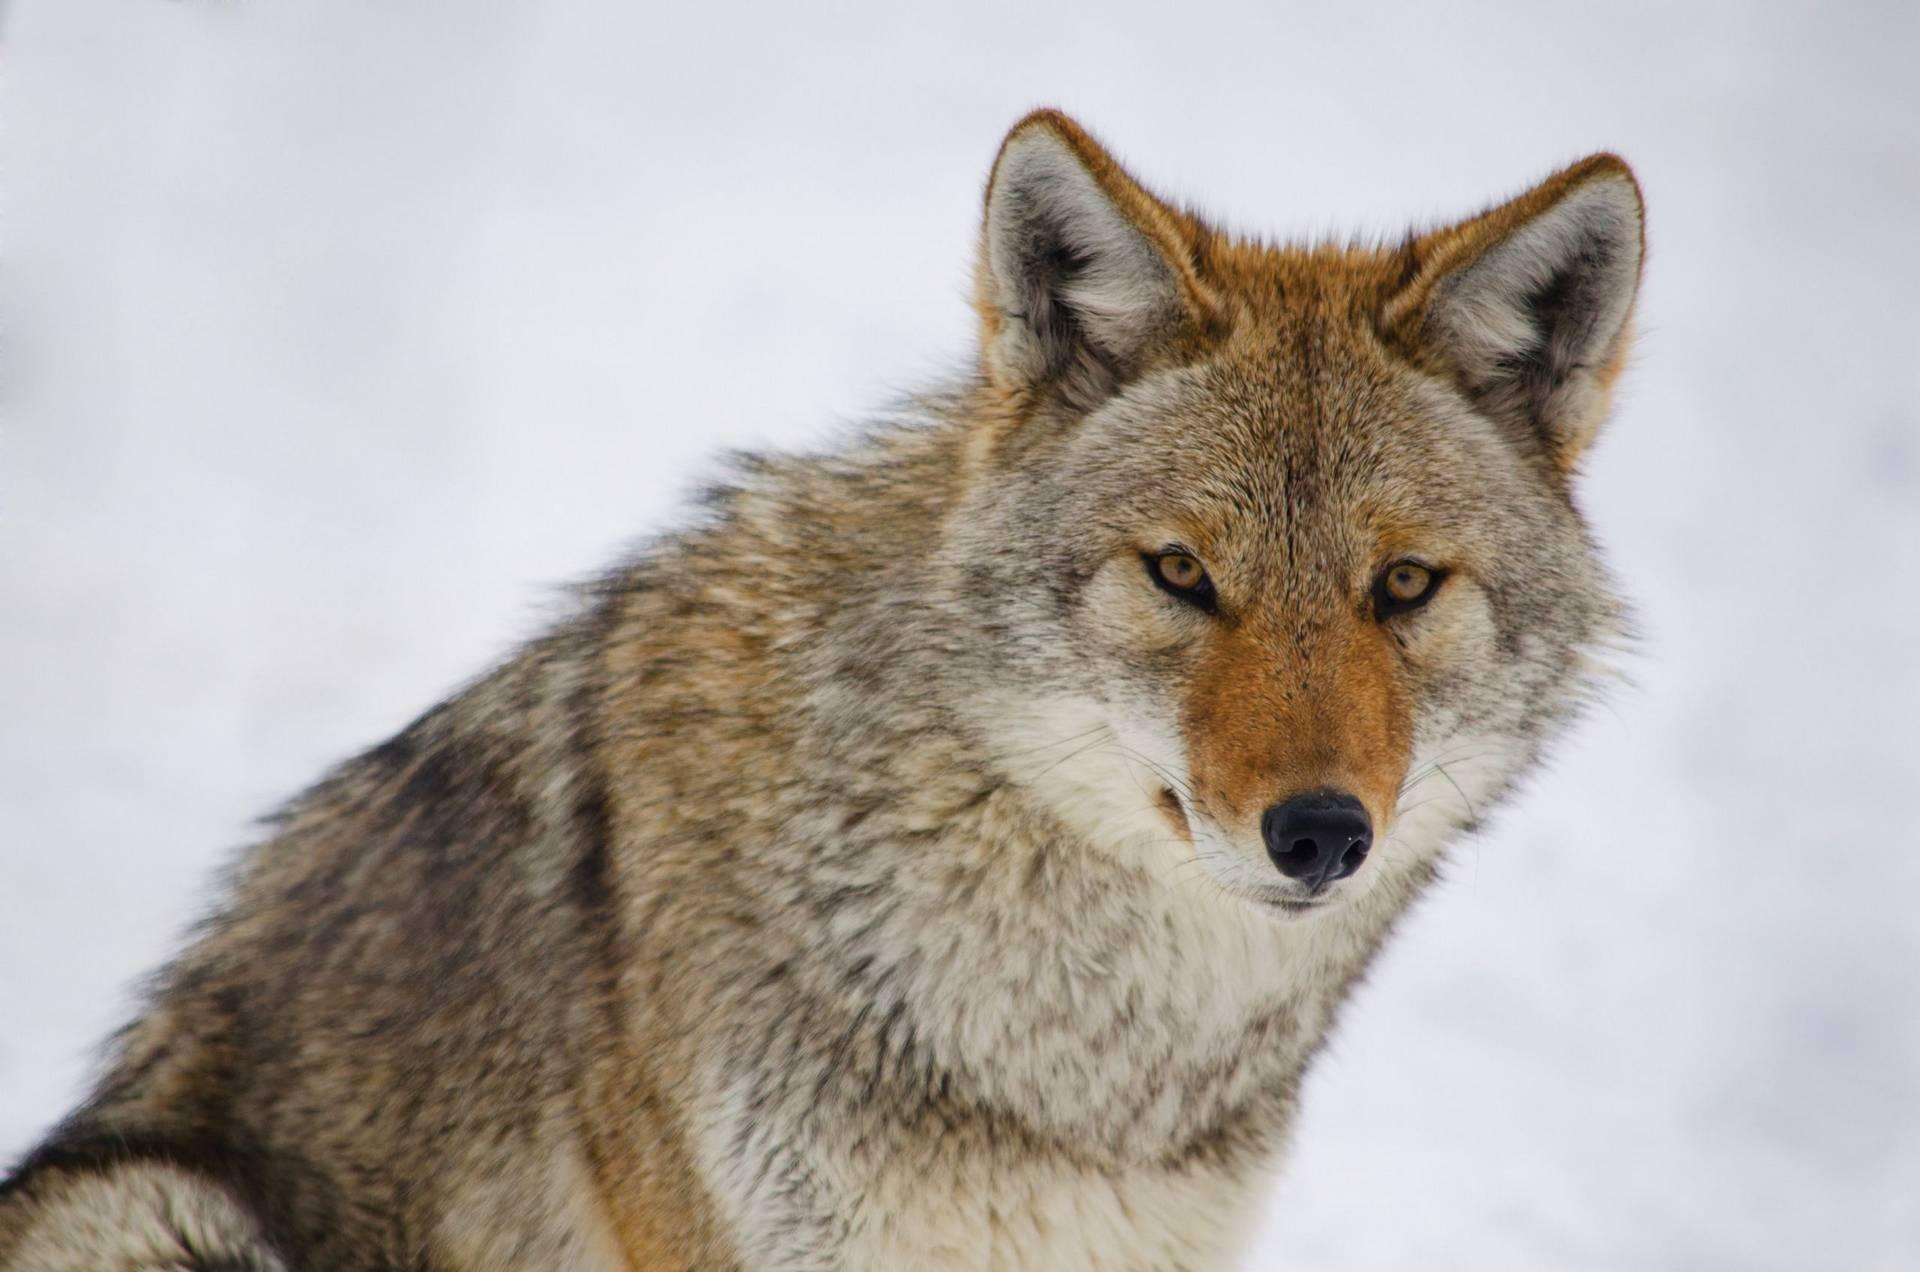 Coyote_V_Laval_Libre_de_droits1